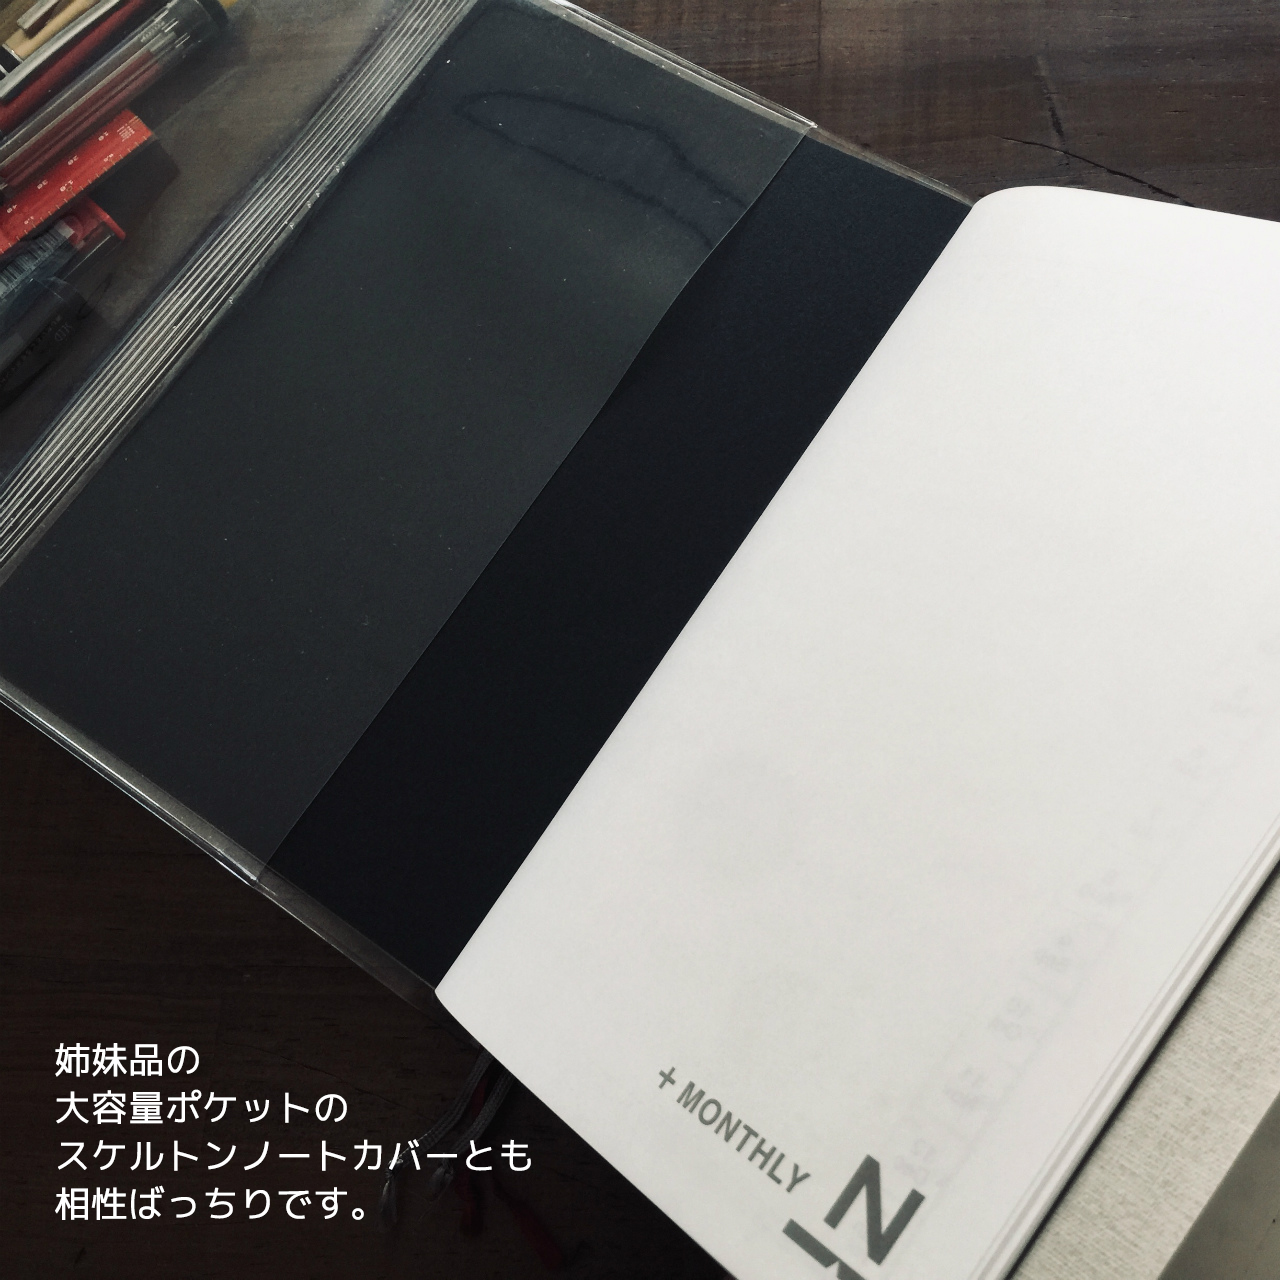 ノートカバーもあります